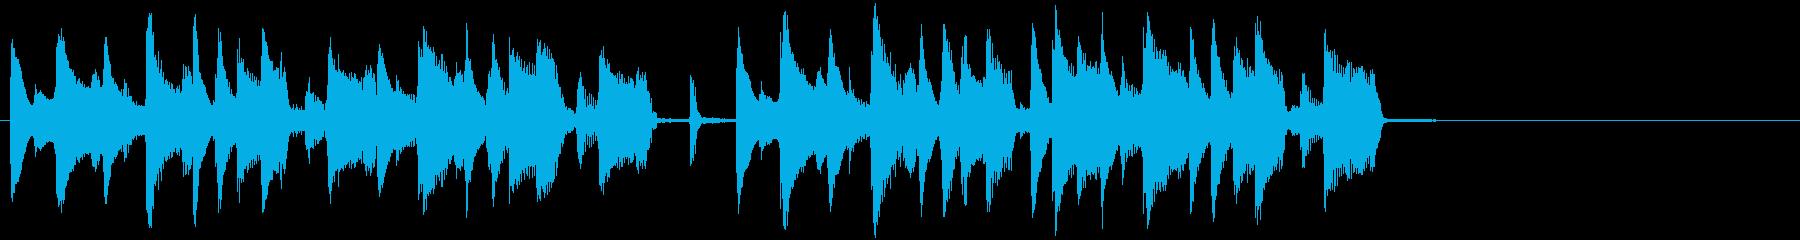 コミカルで素朴な日常 ジングル2の再生済みの波形